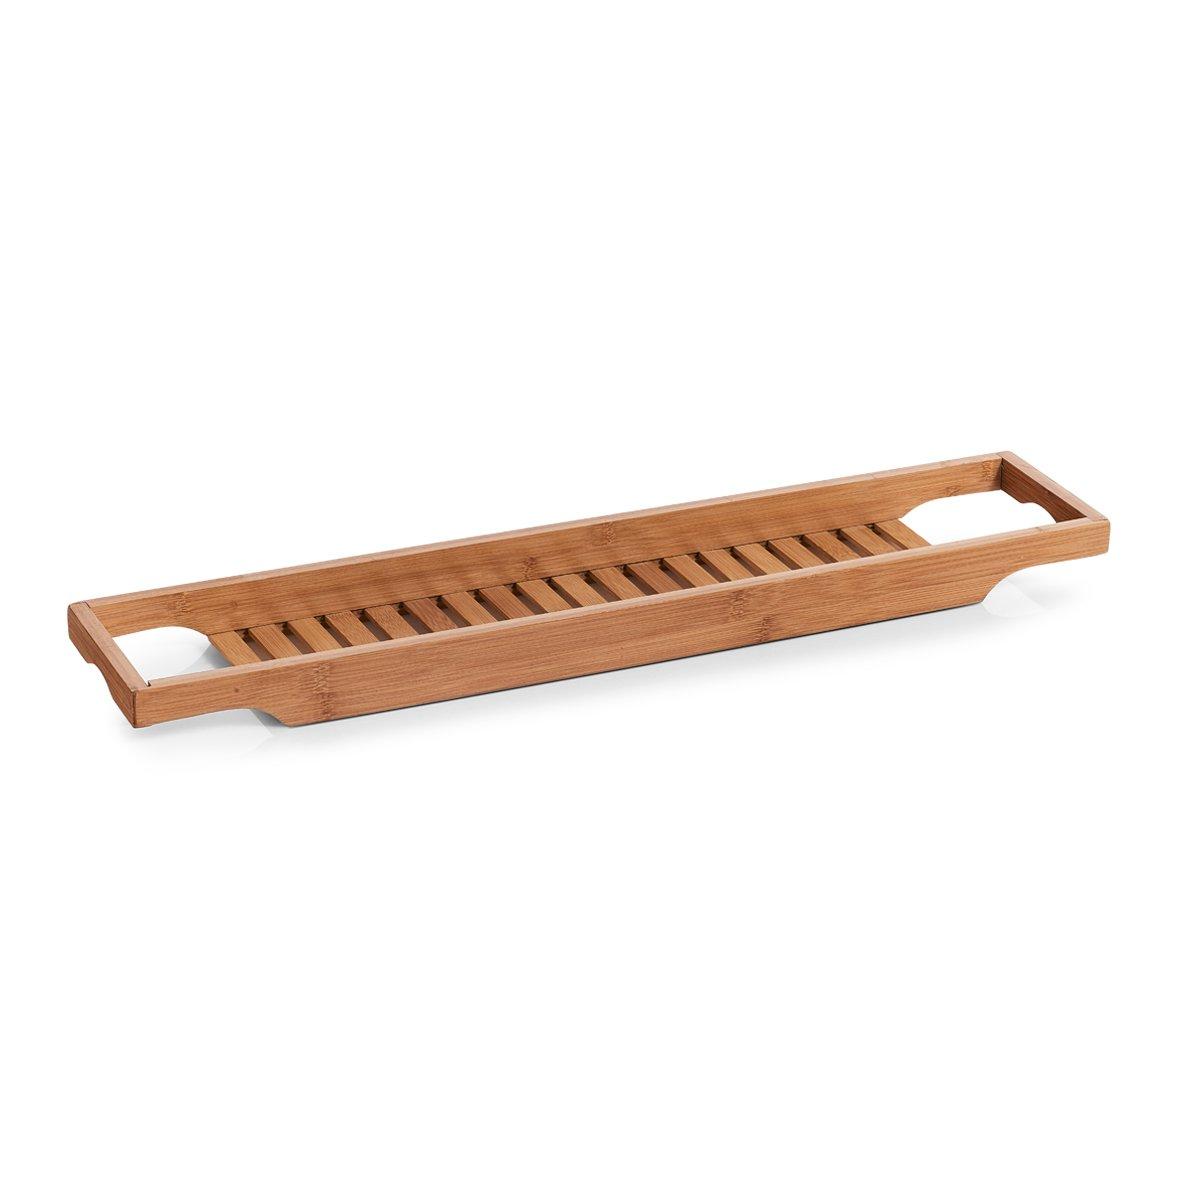 Zeller 13605 Badewannenablage, Bamboo, ca. 70 x 14,3 x 4,5 cm Zeller Present Handels